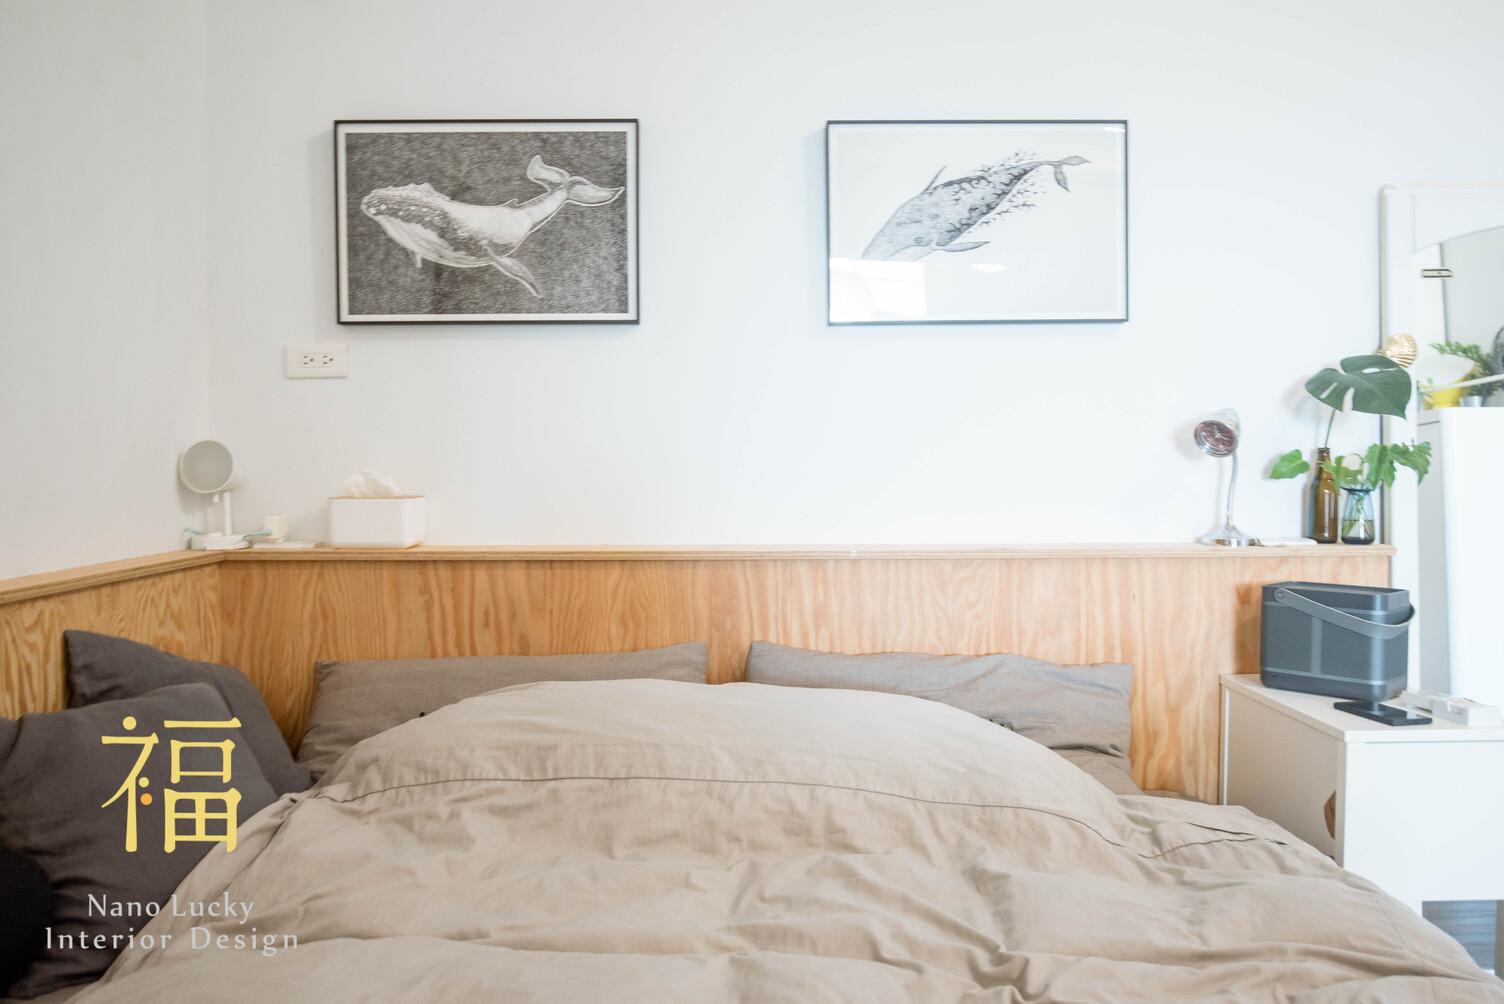 Nanolucky小福砌空間設計-小福砌-透天住宅設計-日系無印風